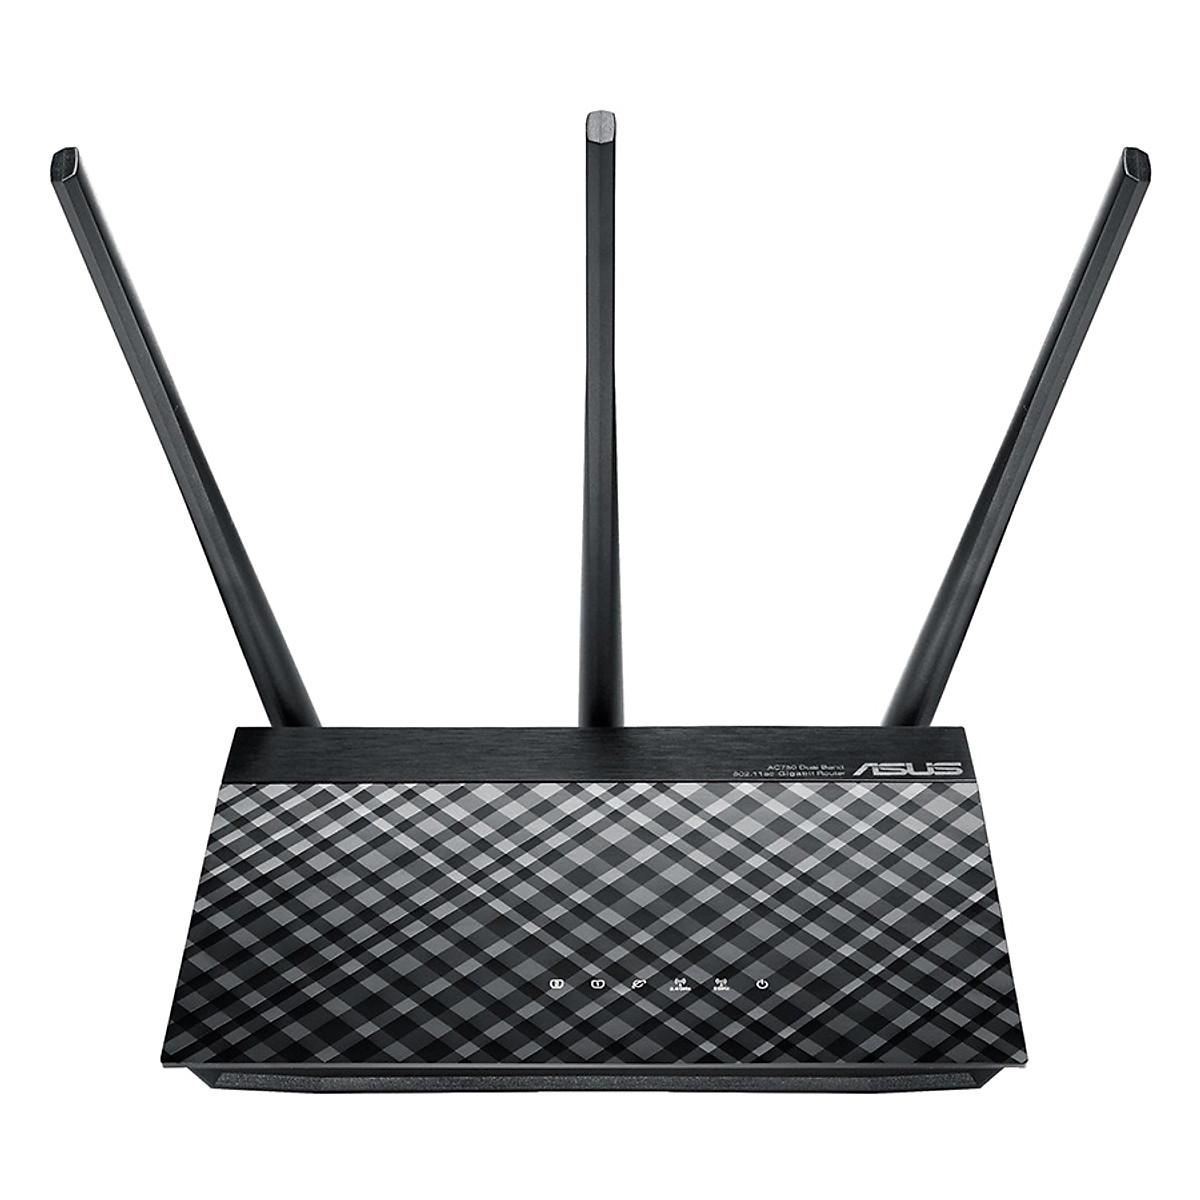 Router Wifi Băng Tầng Kép ASUS AC750 RT-AC53 – Hàng Chính Hãng